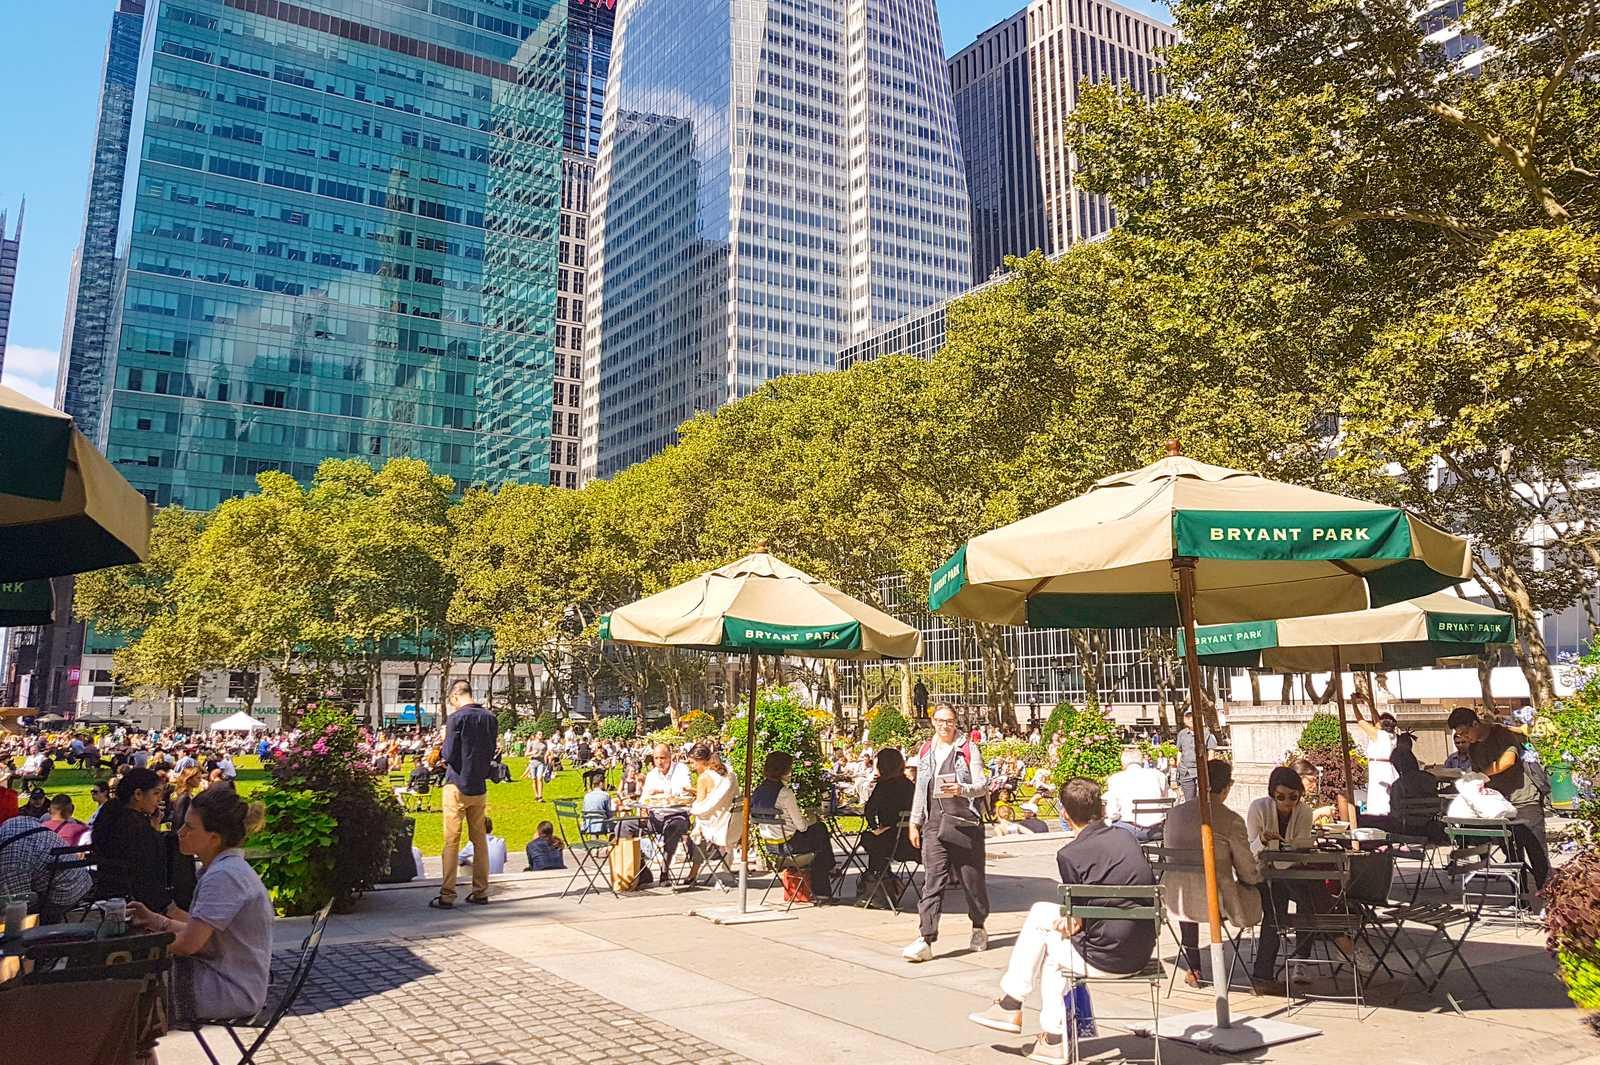 Der Bryant Park, eine kleine Oase in Manhattan, New York